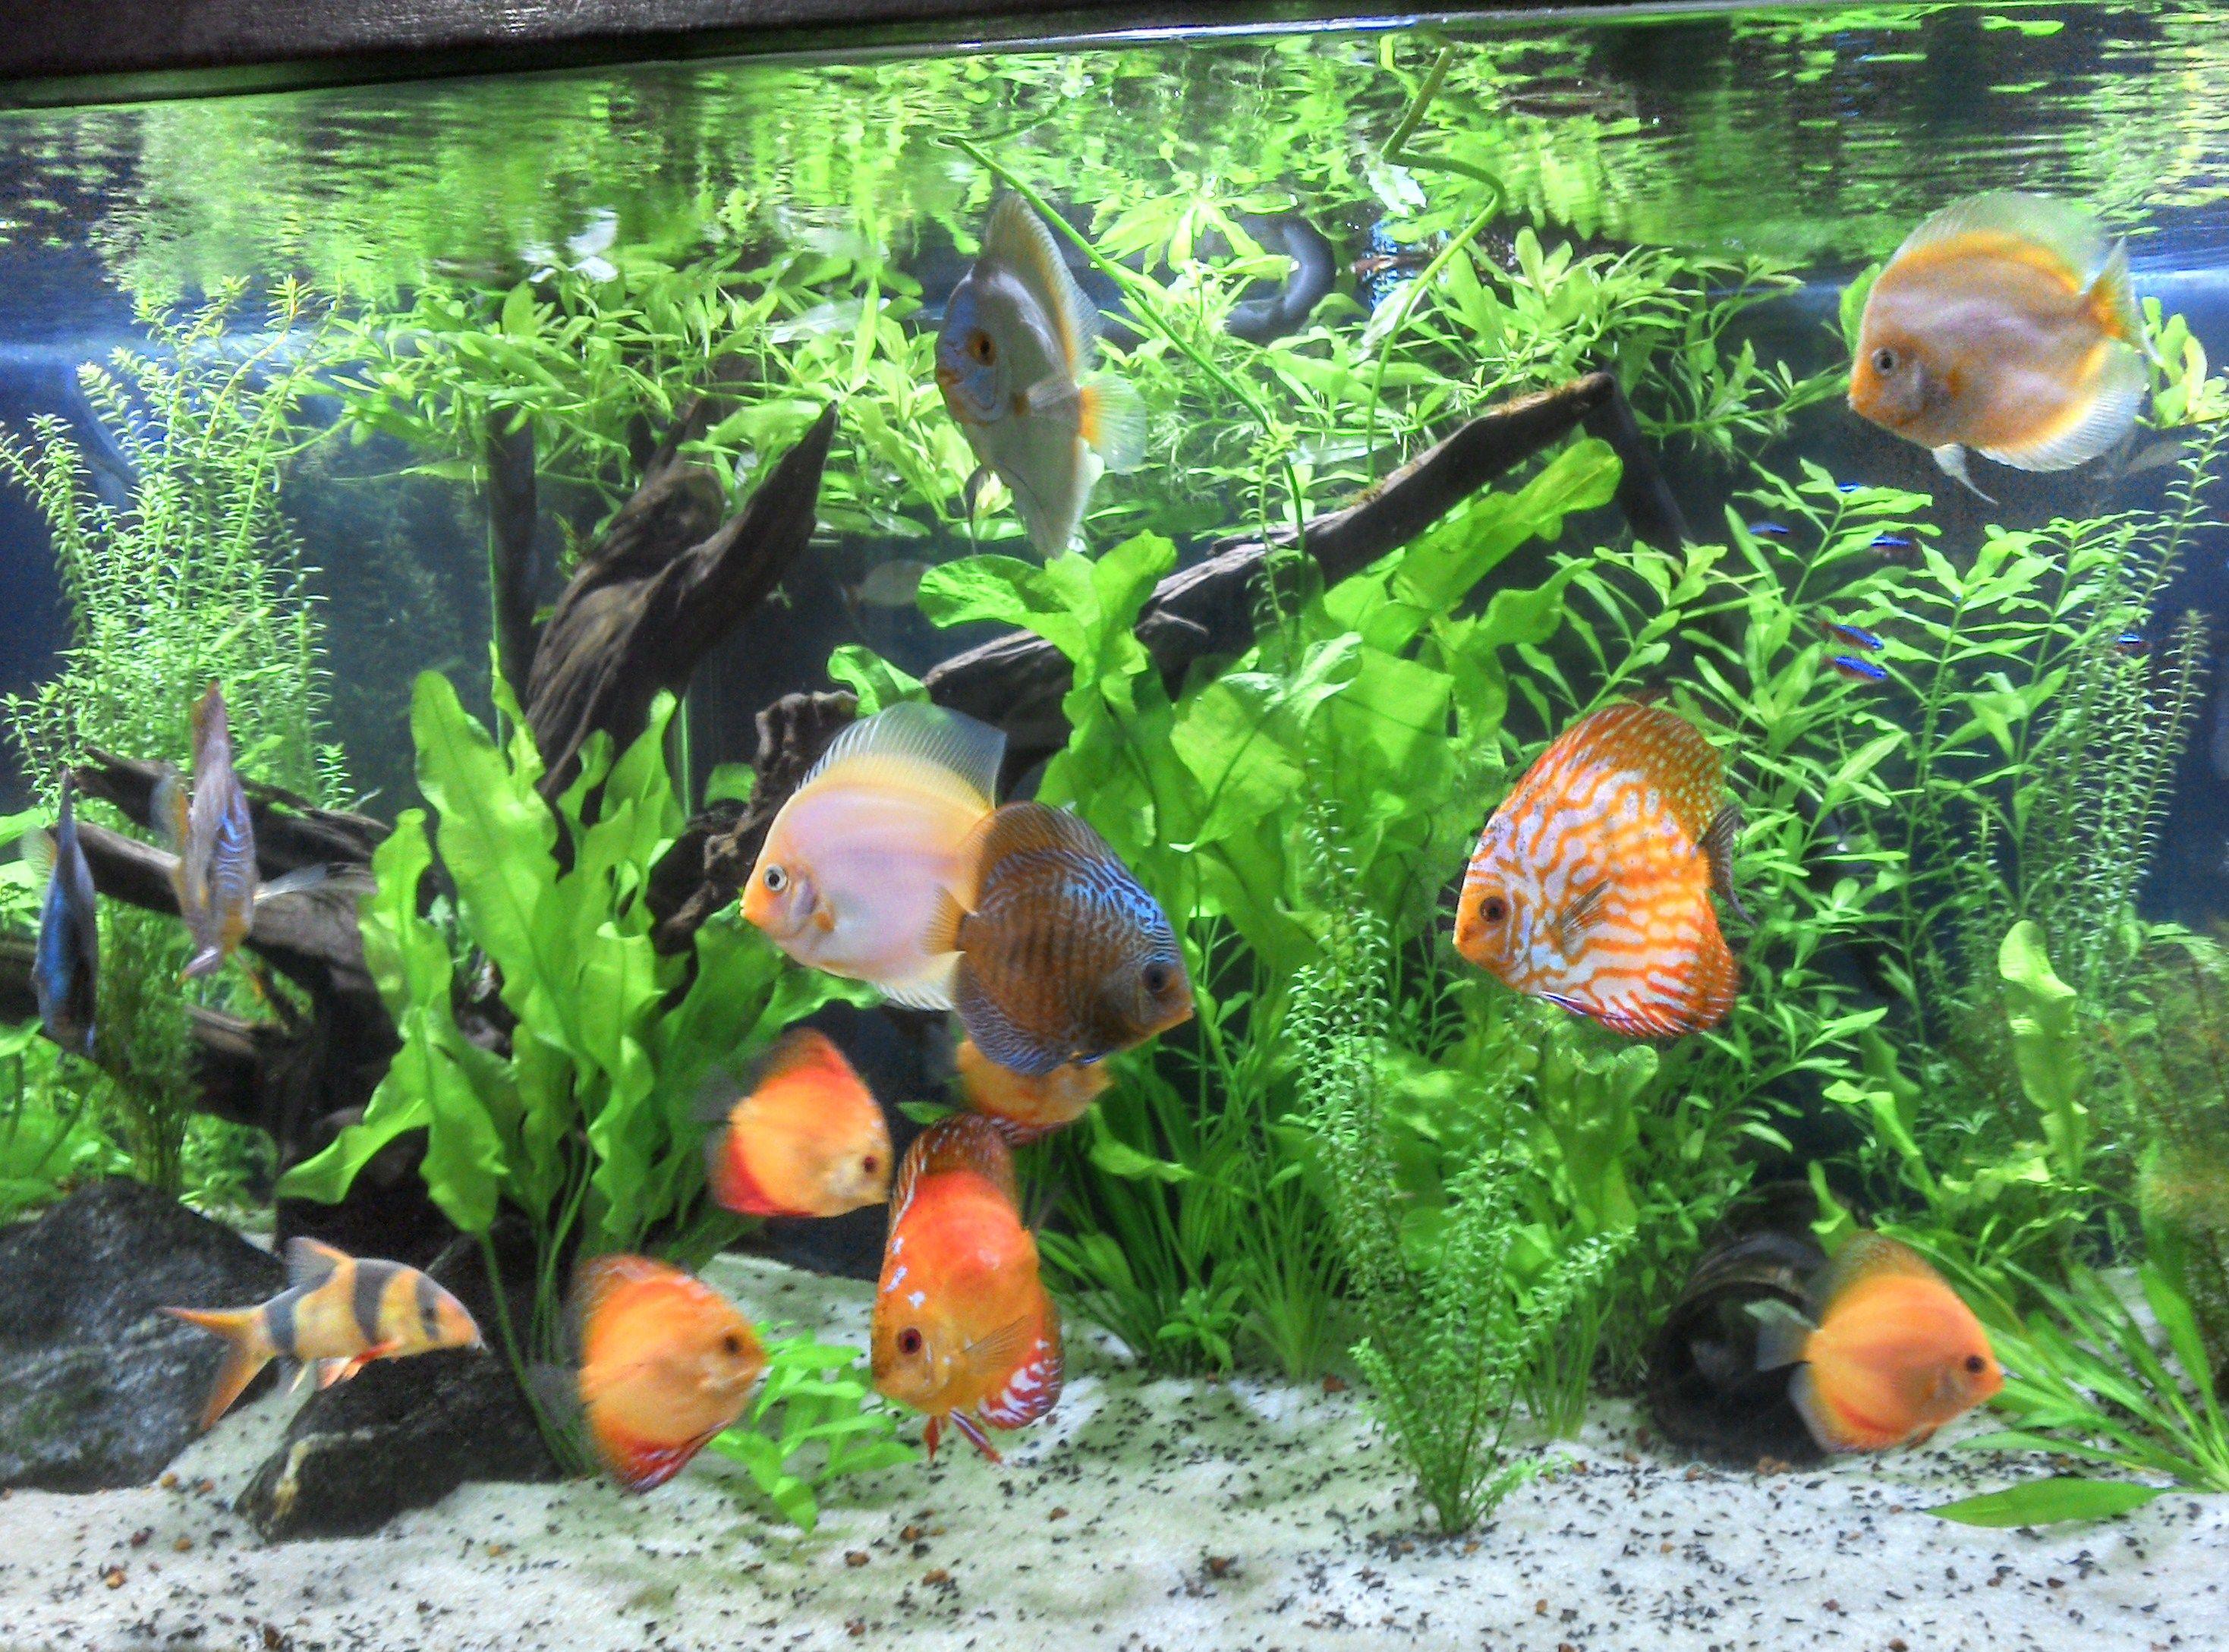 caab6398773e37509cb2eea11dc6135d Frais De Aquarium Tropical Schème